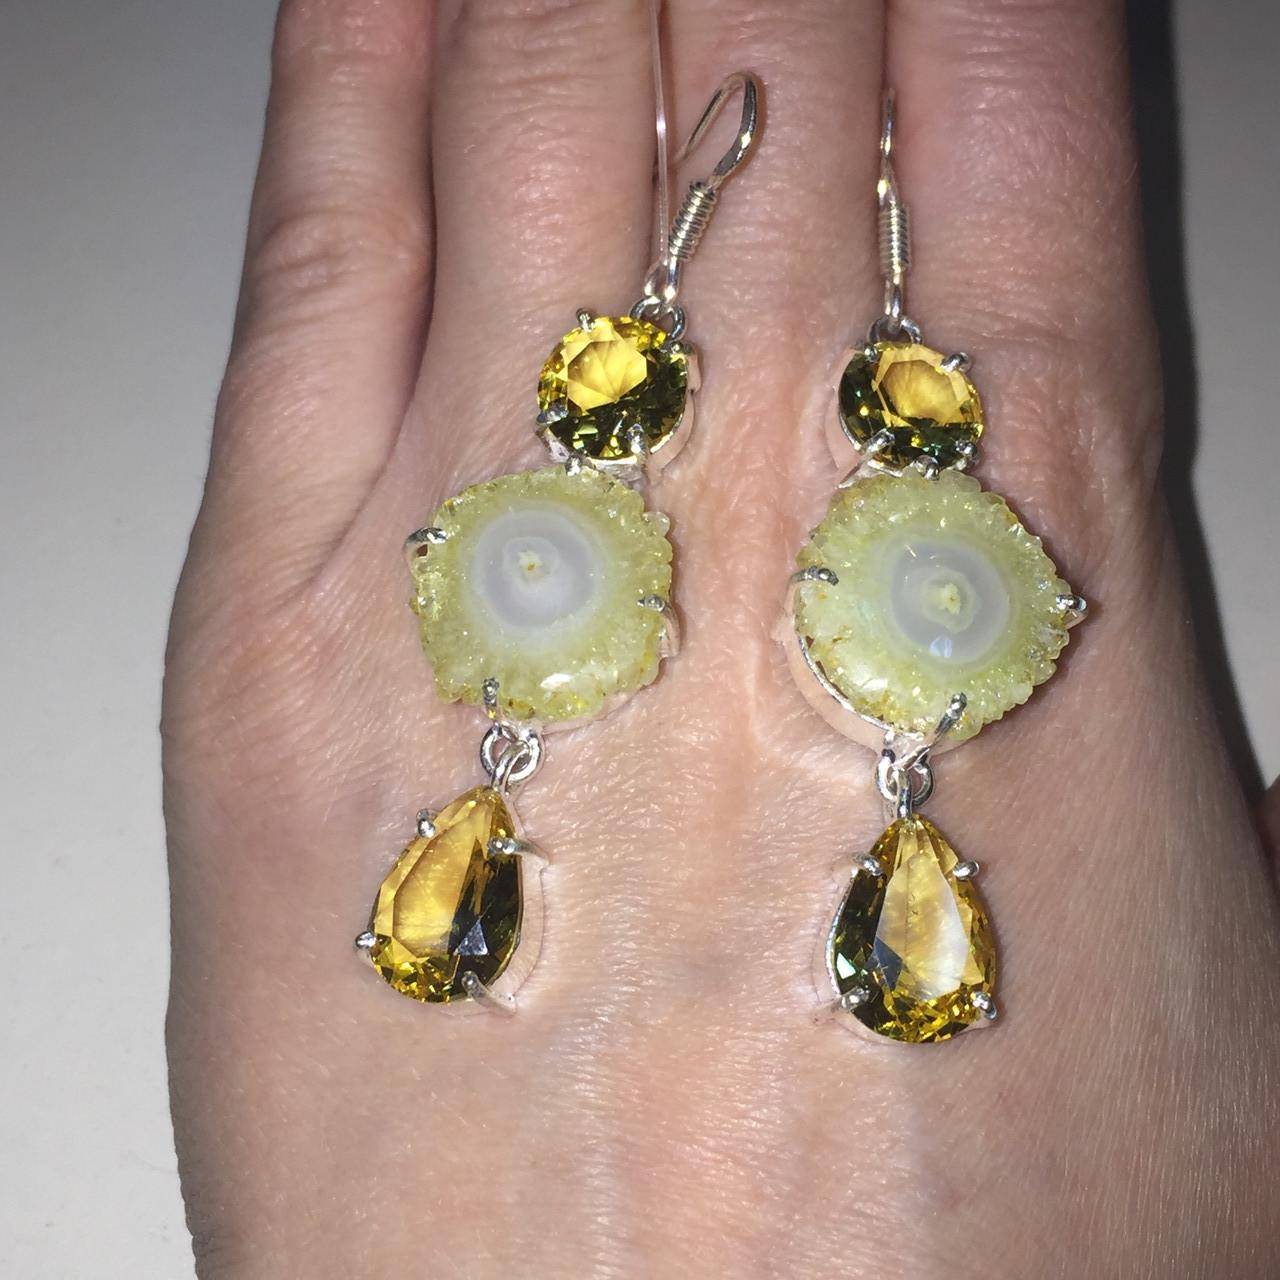 Цитрин и солнечный кварц серьги с солнечным кварцем и цитрином в серебре. Серьги с солярным кварцем Индия